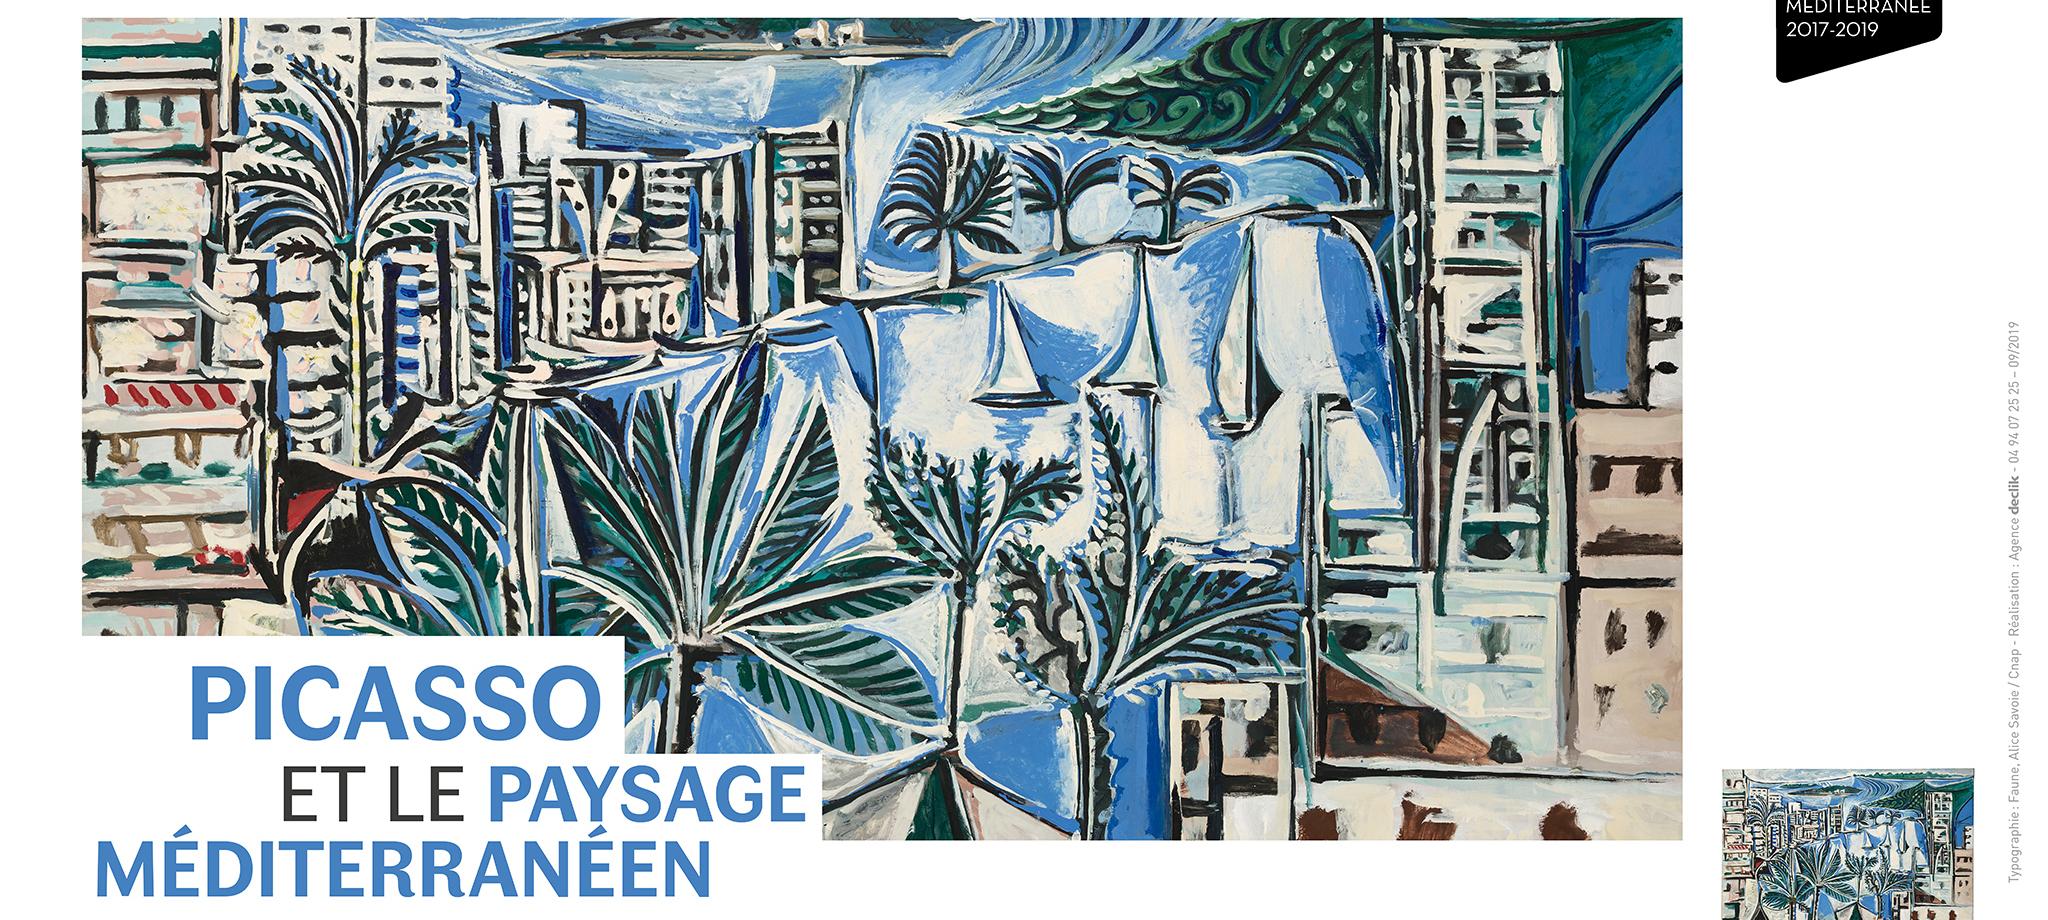 Picasso & Pic'Assiette - Visite guidée et atelier |